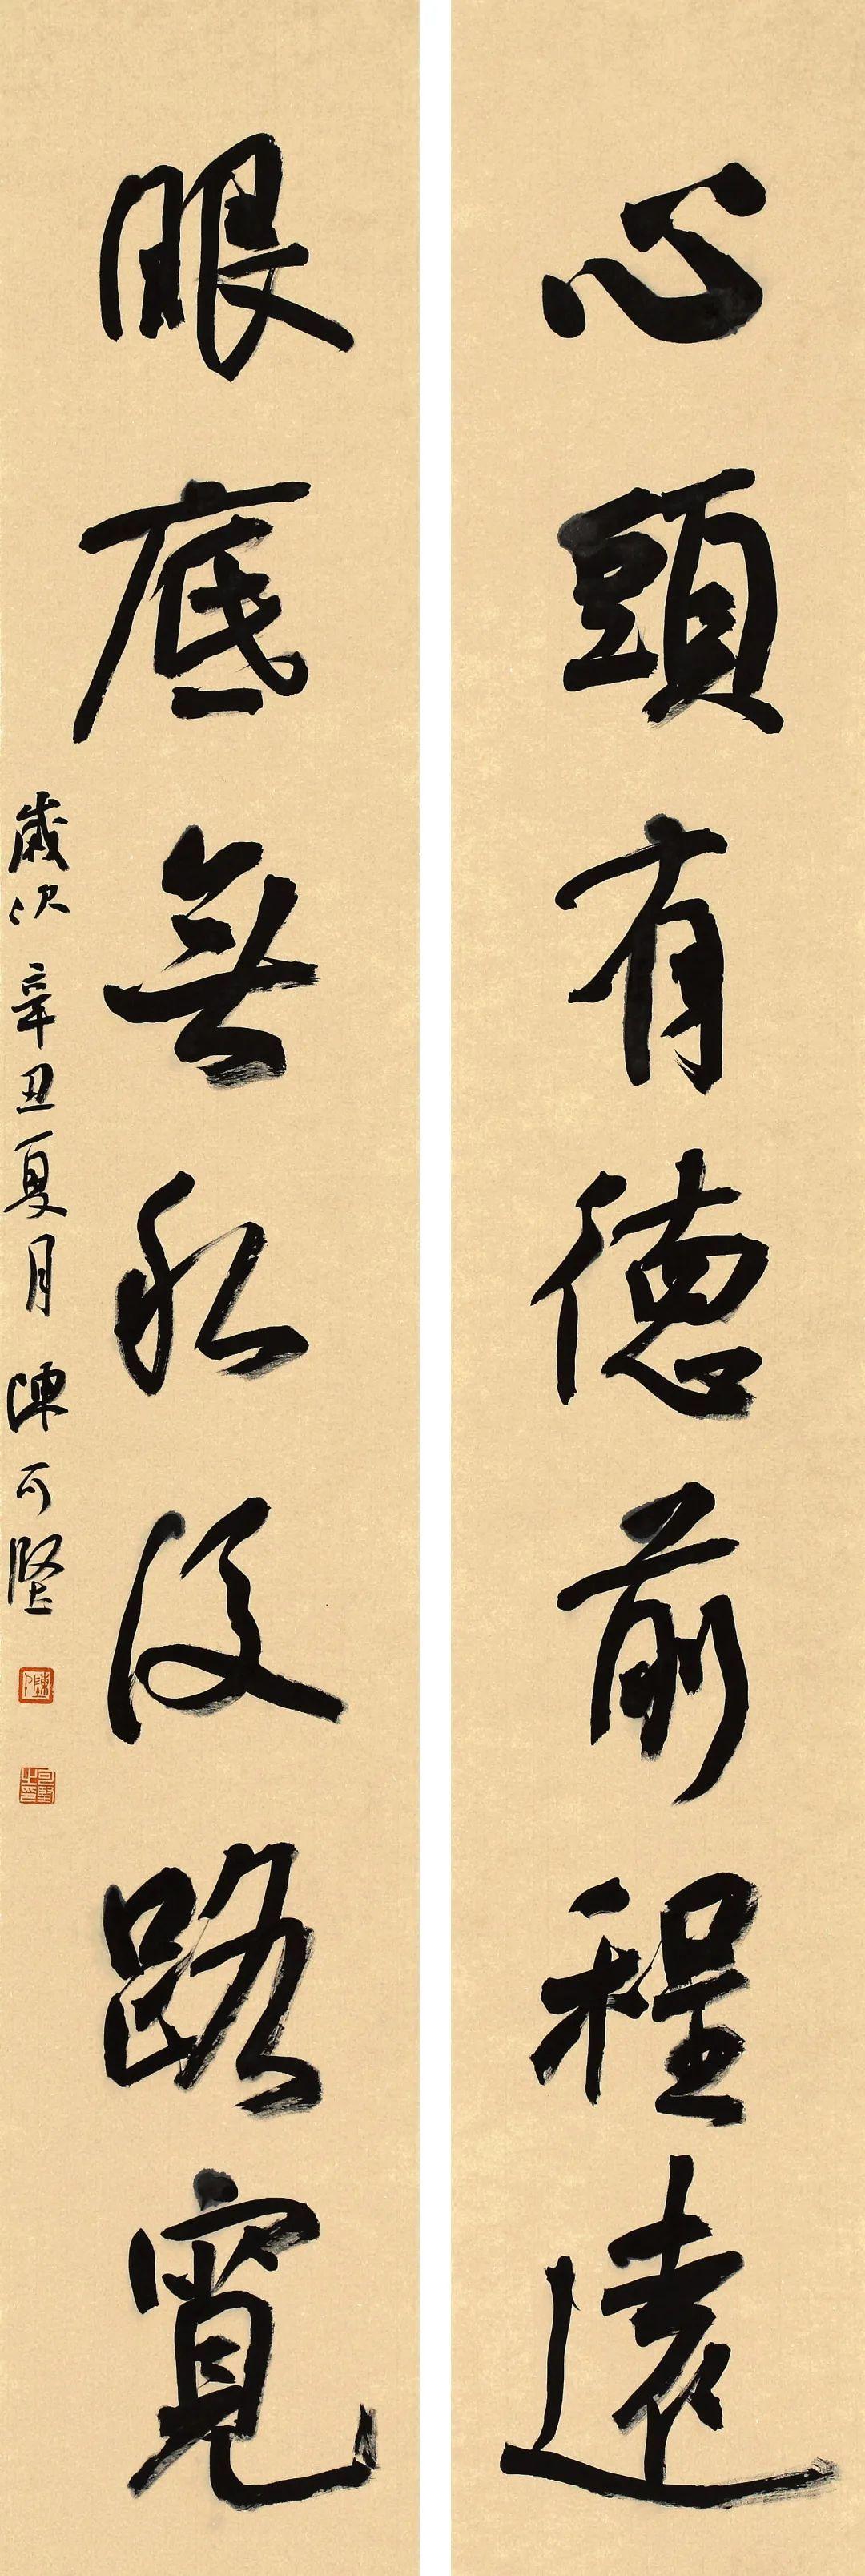 中国书法家协会会员、广州市花都区书法家协会副秘书长陈可坚